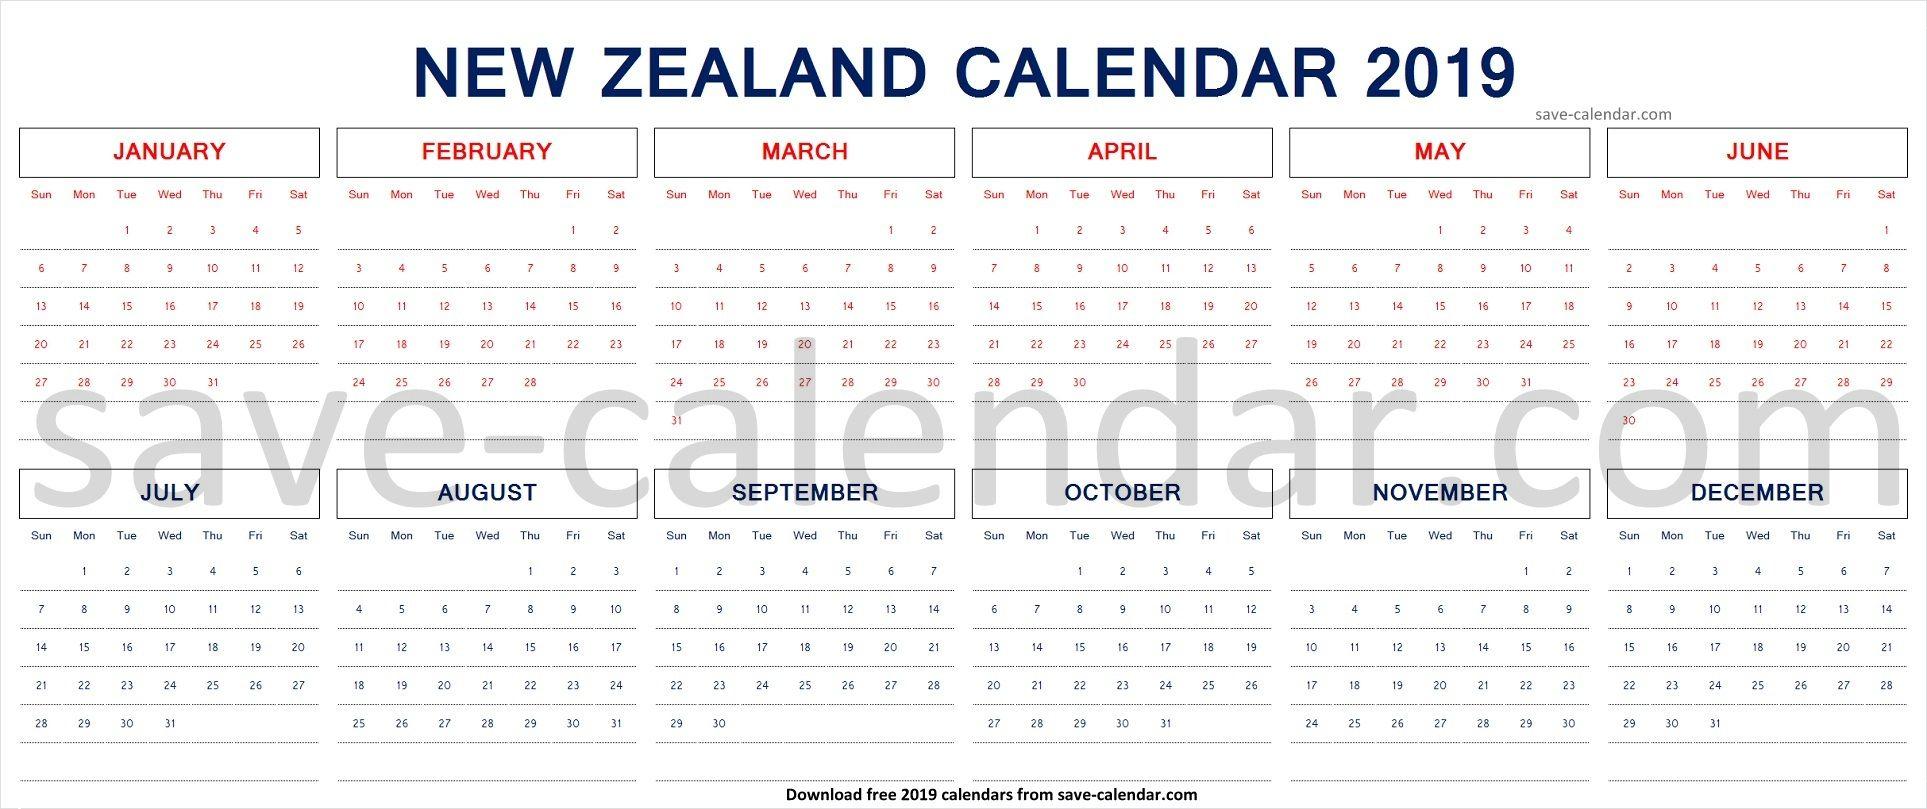 2019 calendar nz with public holidays nz calendar 2019 calendar